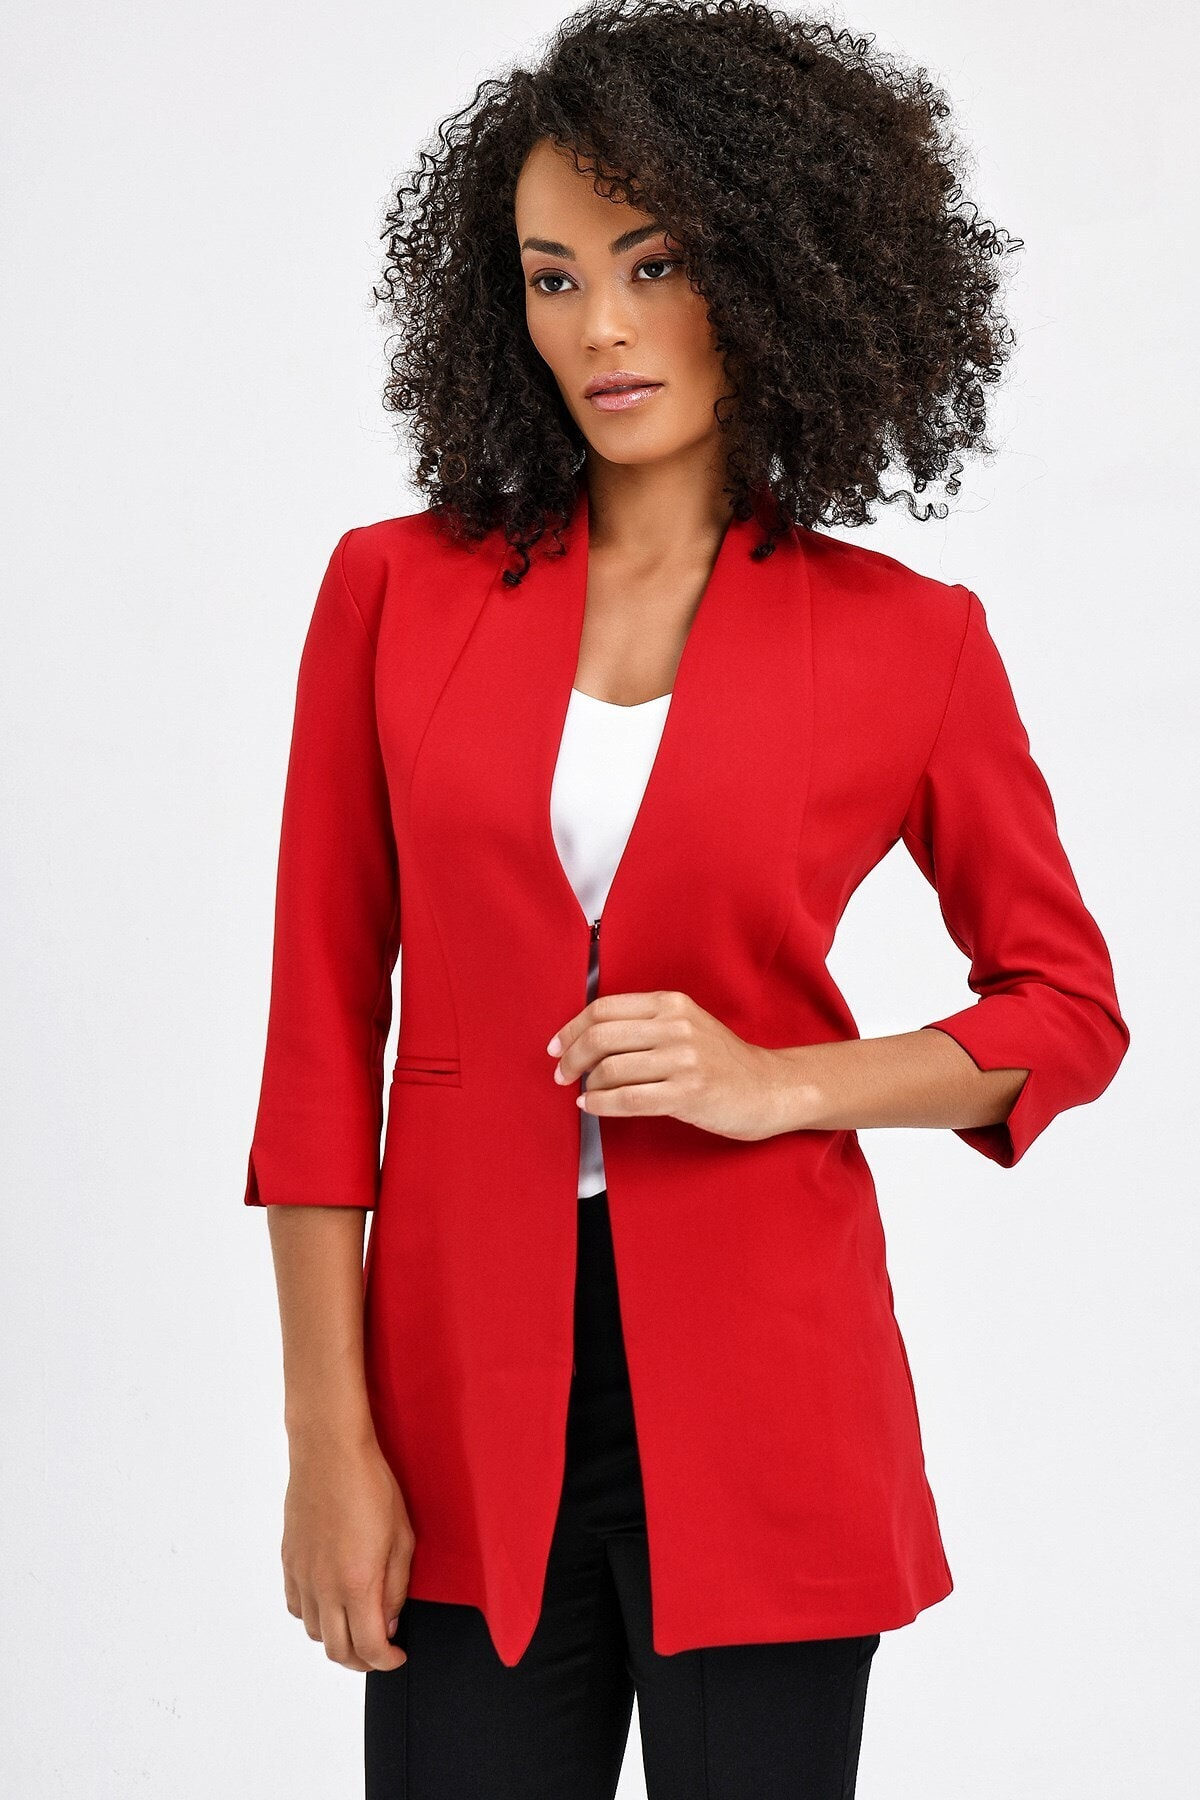 Hakim Yaka Flato Cepli Kolu Yırtmaçlı Uzun Blazer Kumaş Ceket -kırmızı